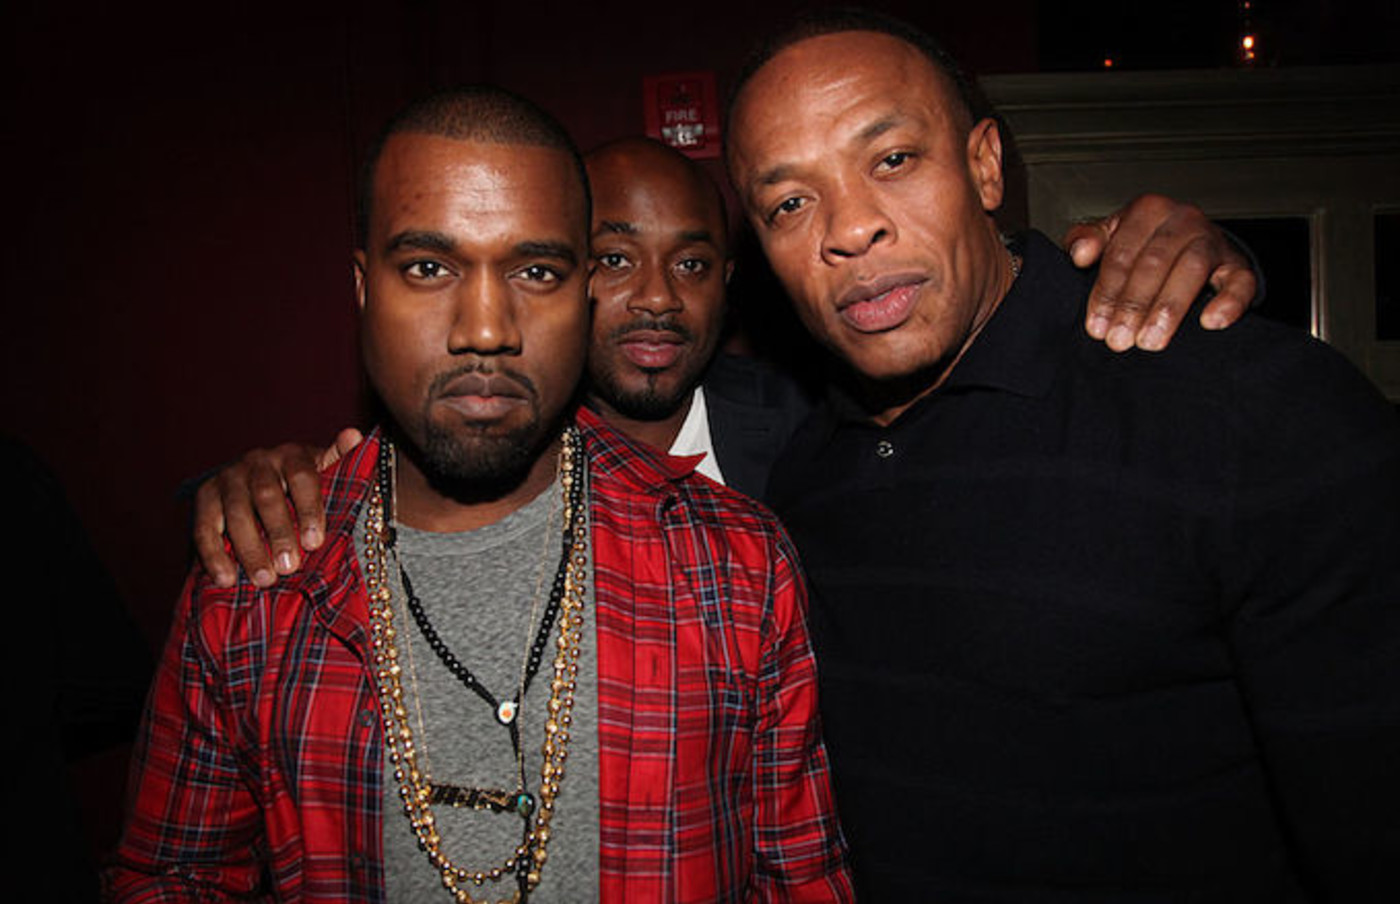 Kanye and Dr. Dre